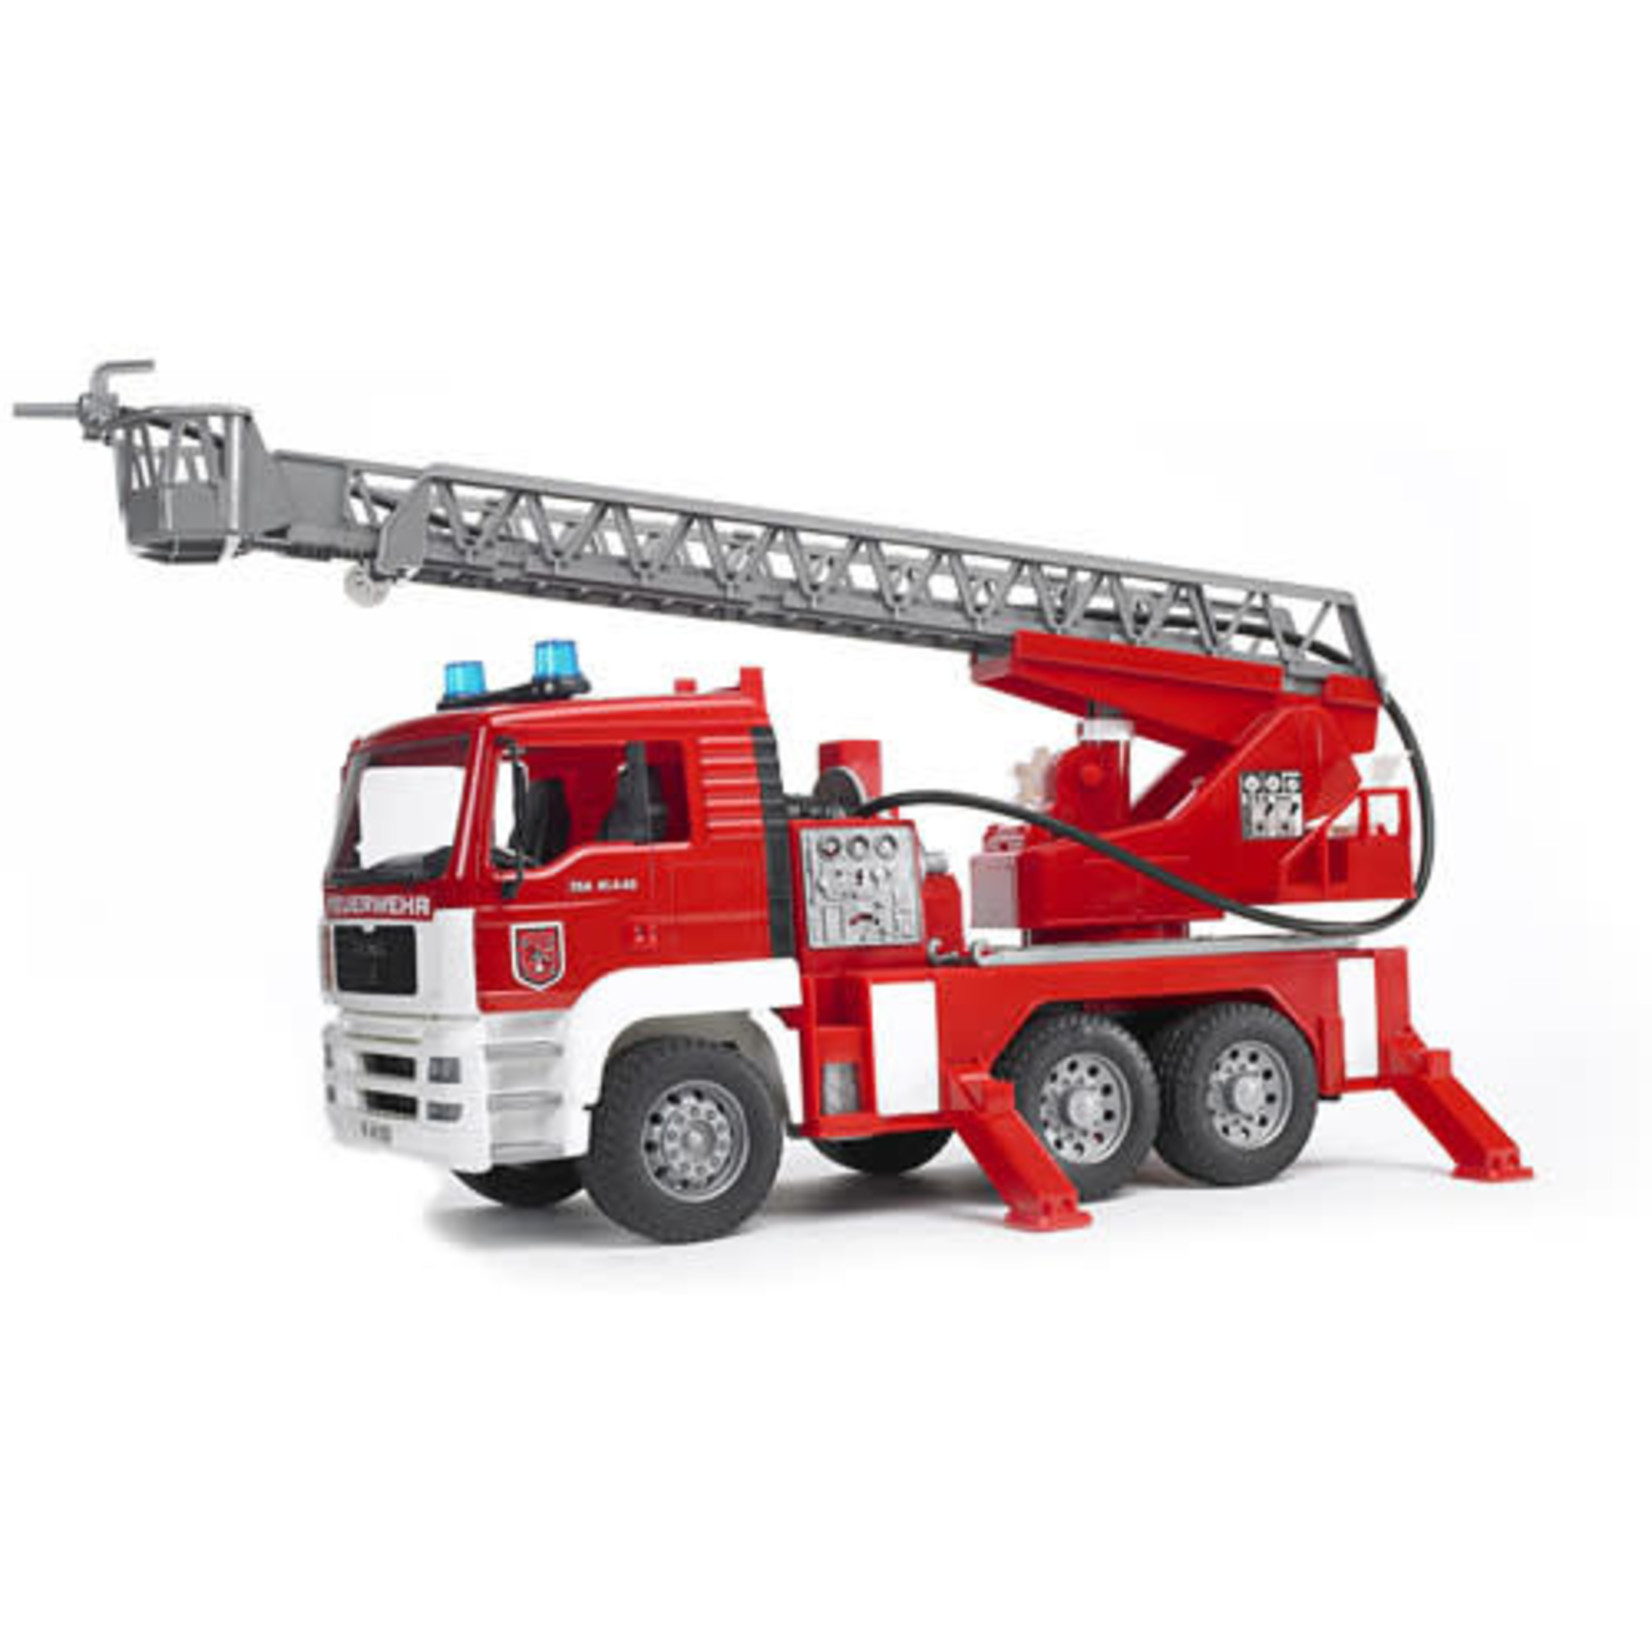 Bruder Bruder Man Fire Engine With Sounds & Lights